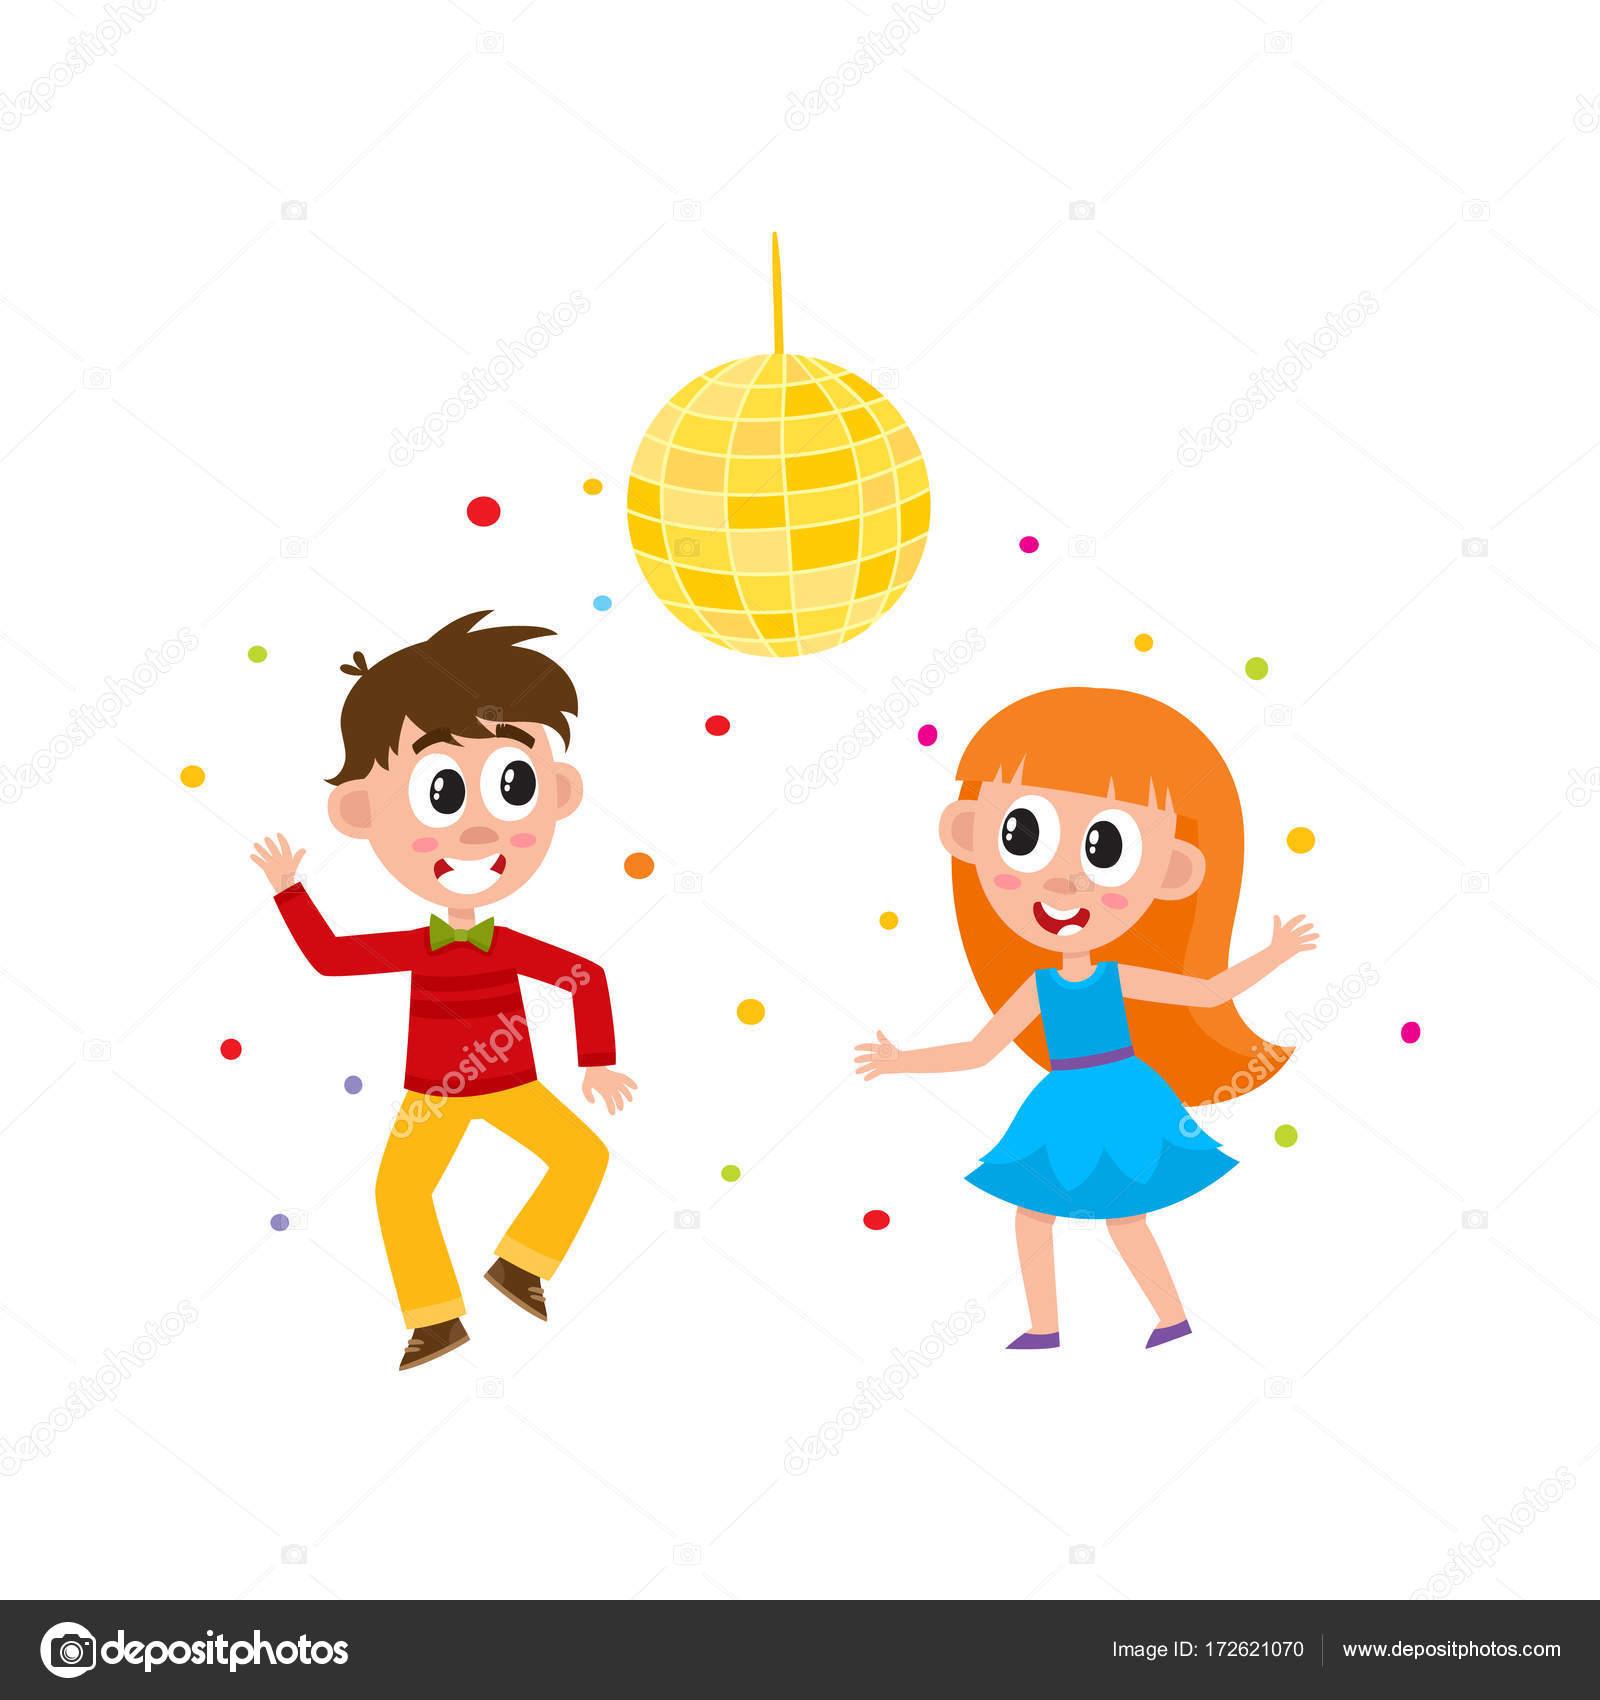 Картинка мальчик и девочка для детей